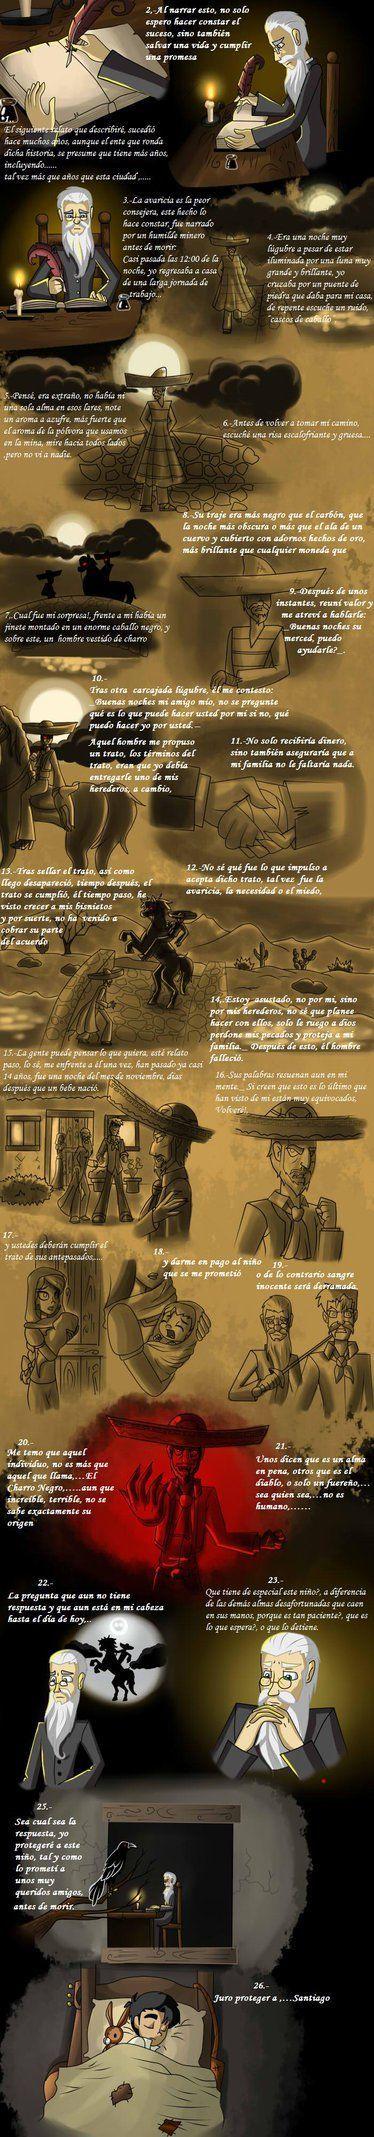 La Leyenda del Charro Negro by Cinco-Elementos on DeviantArt